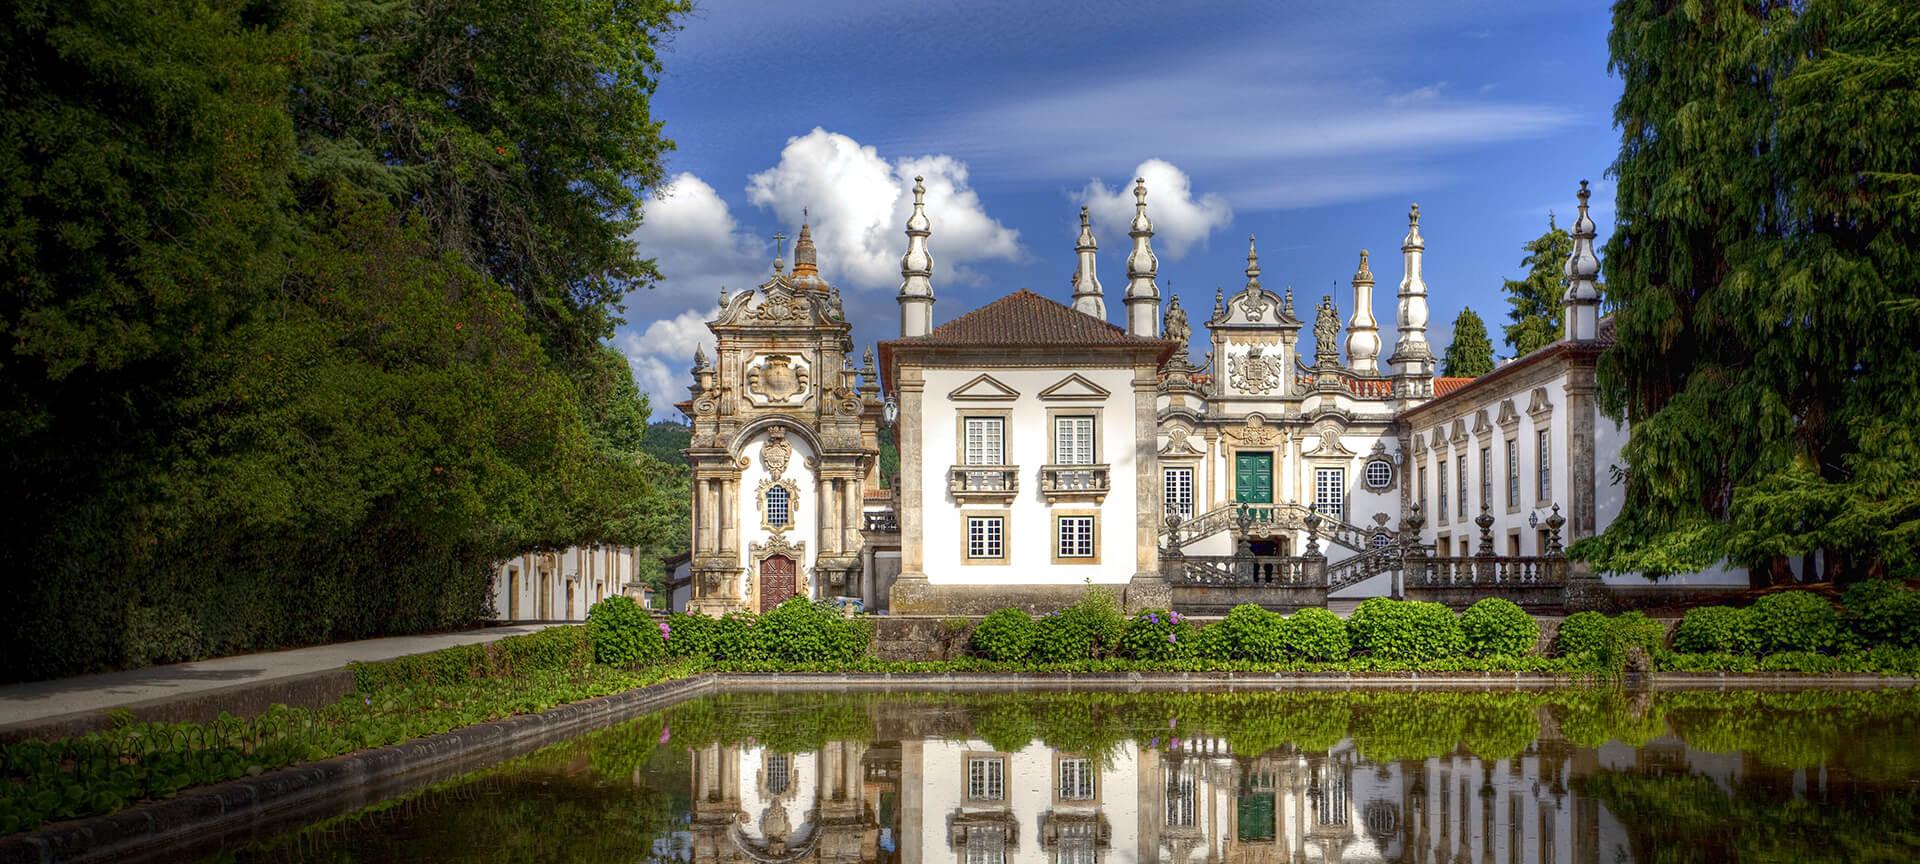 Douro Palace - Douro de História